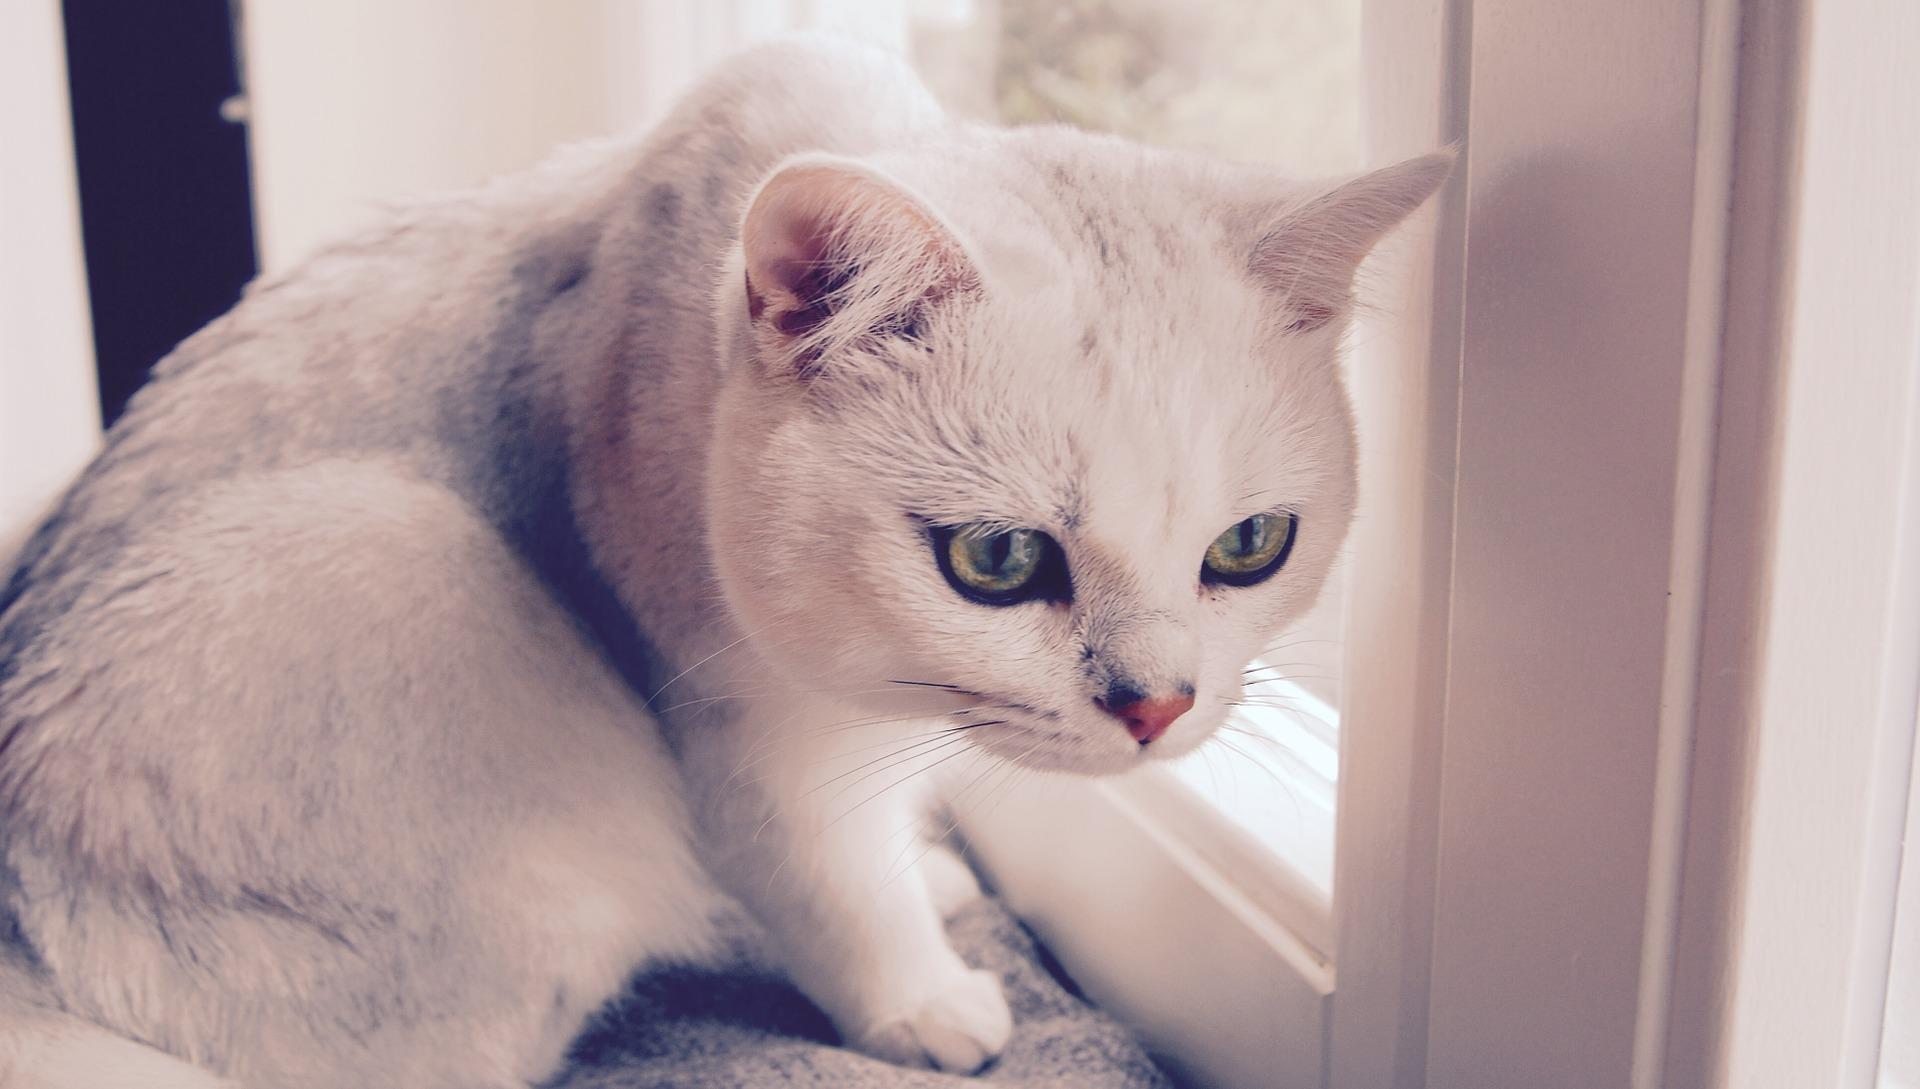 cat-758145_1920